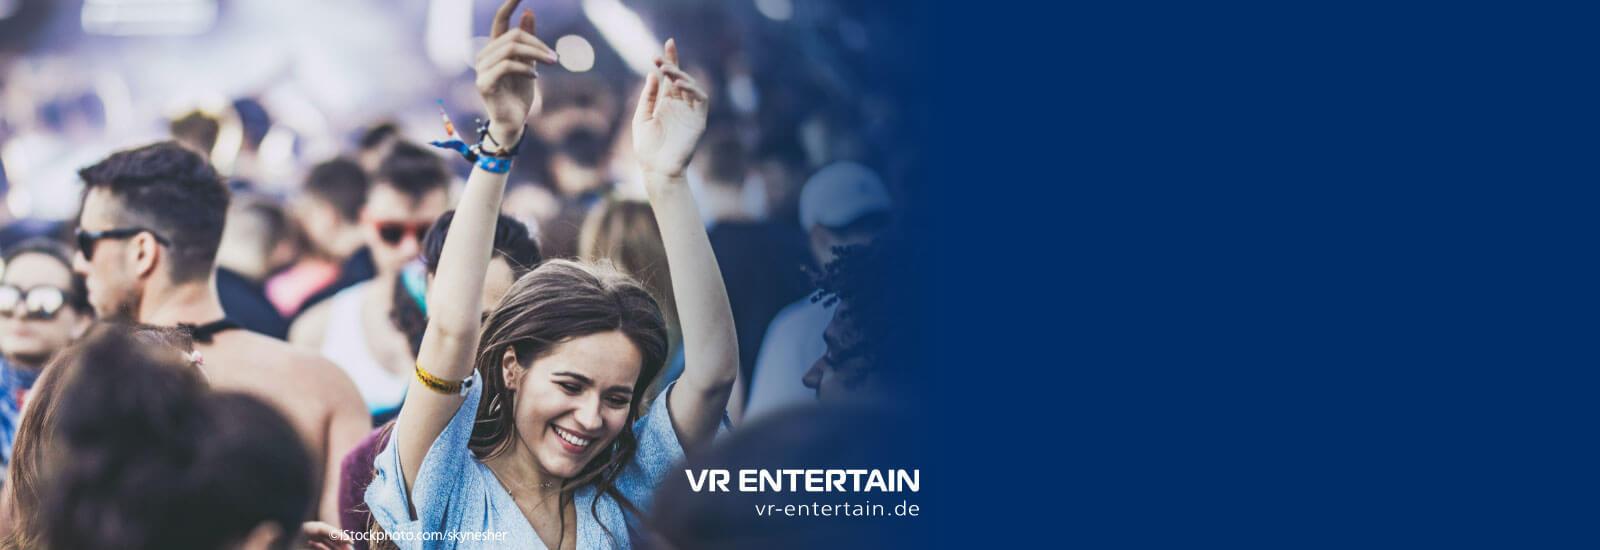 VR-Entertain